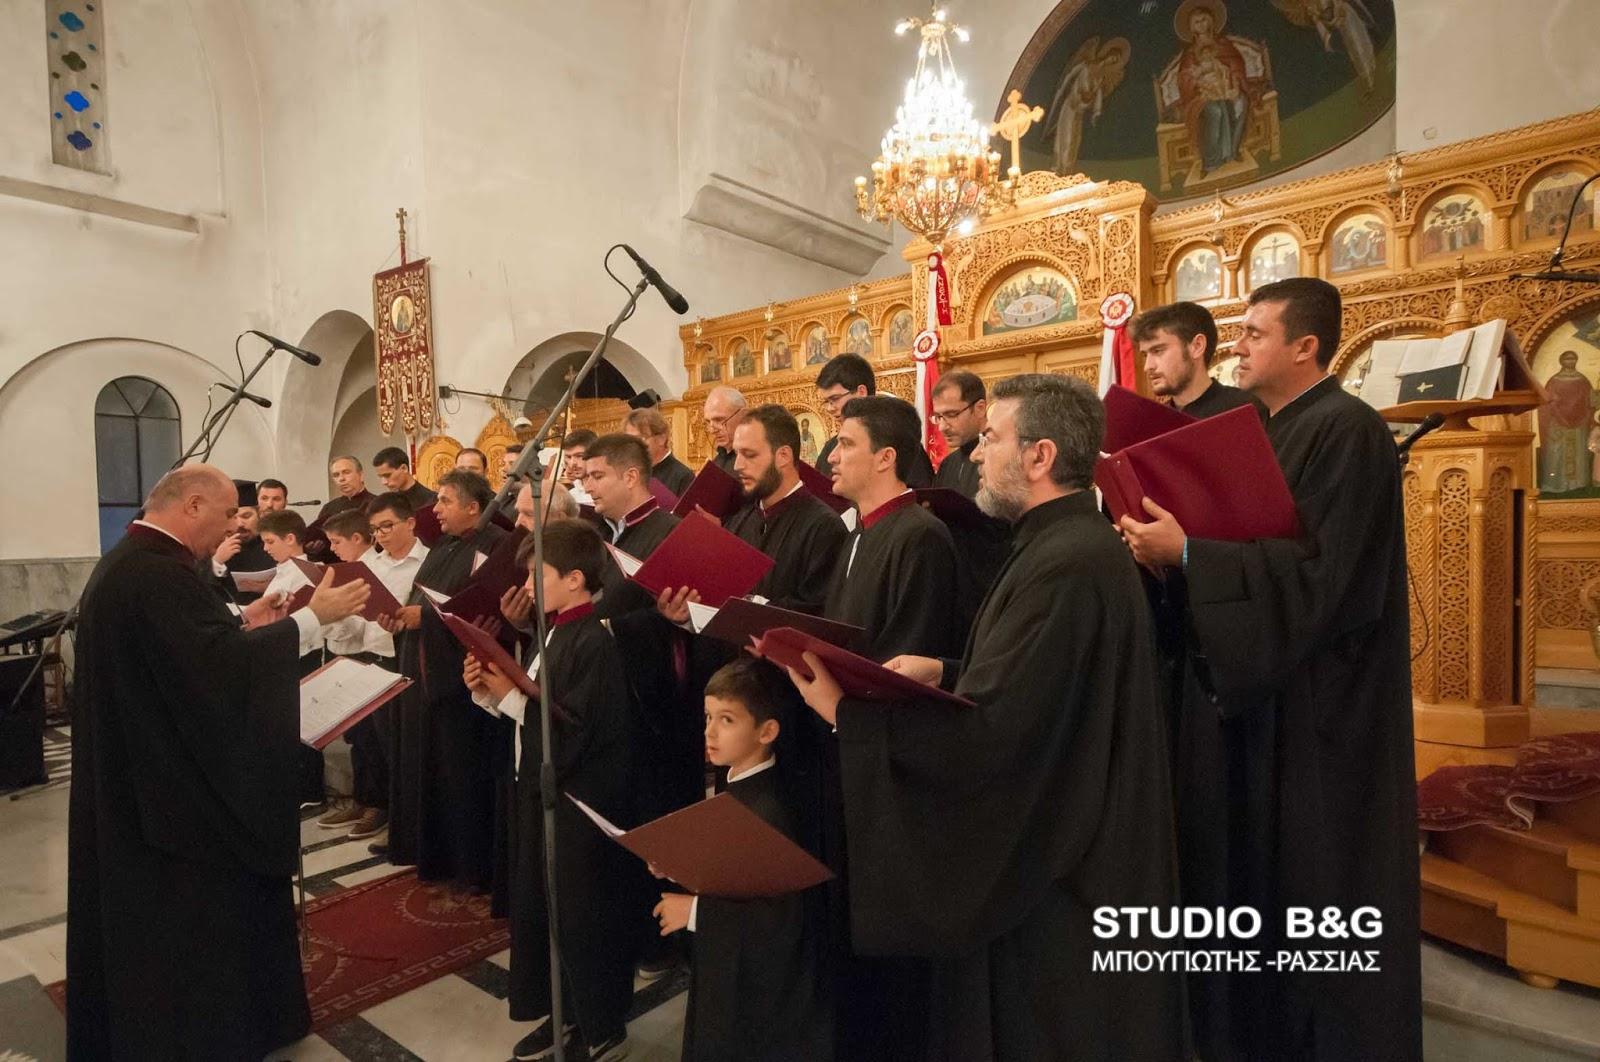 Η Βυζαντινή-Εκκλησιαστική χορωδία της Μητροπόλεως Αργολίδος στο 2ο Χορωδιακό Φεστιβάλ Θρησκευτικών και Βυζαντινών Ύμνων